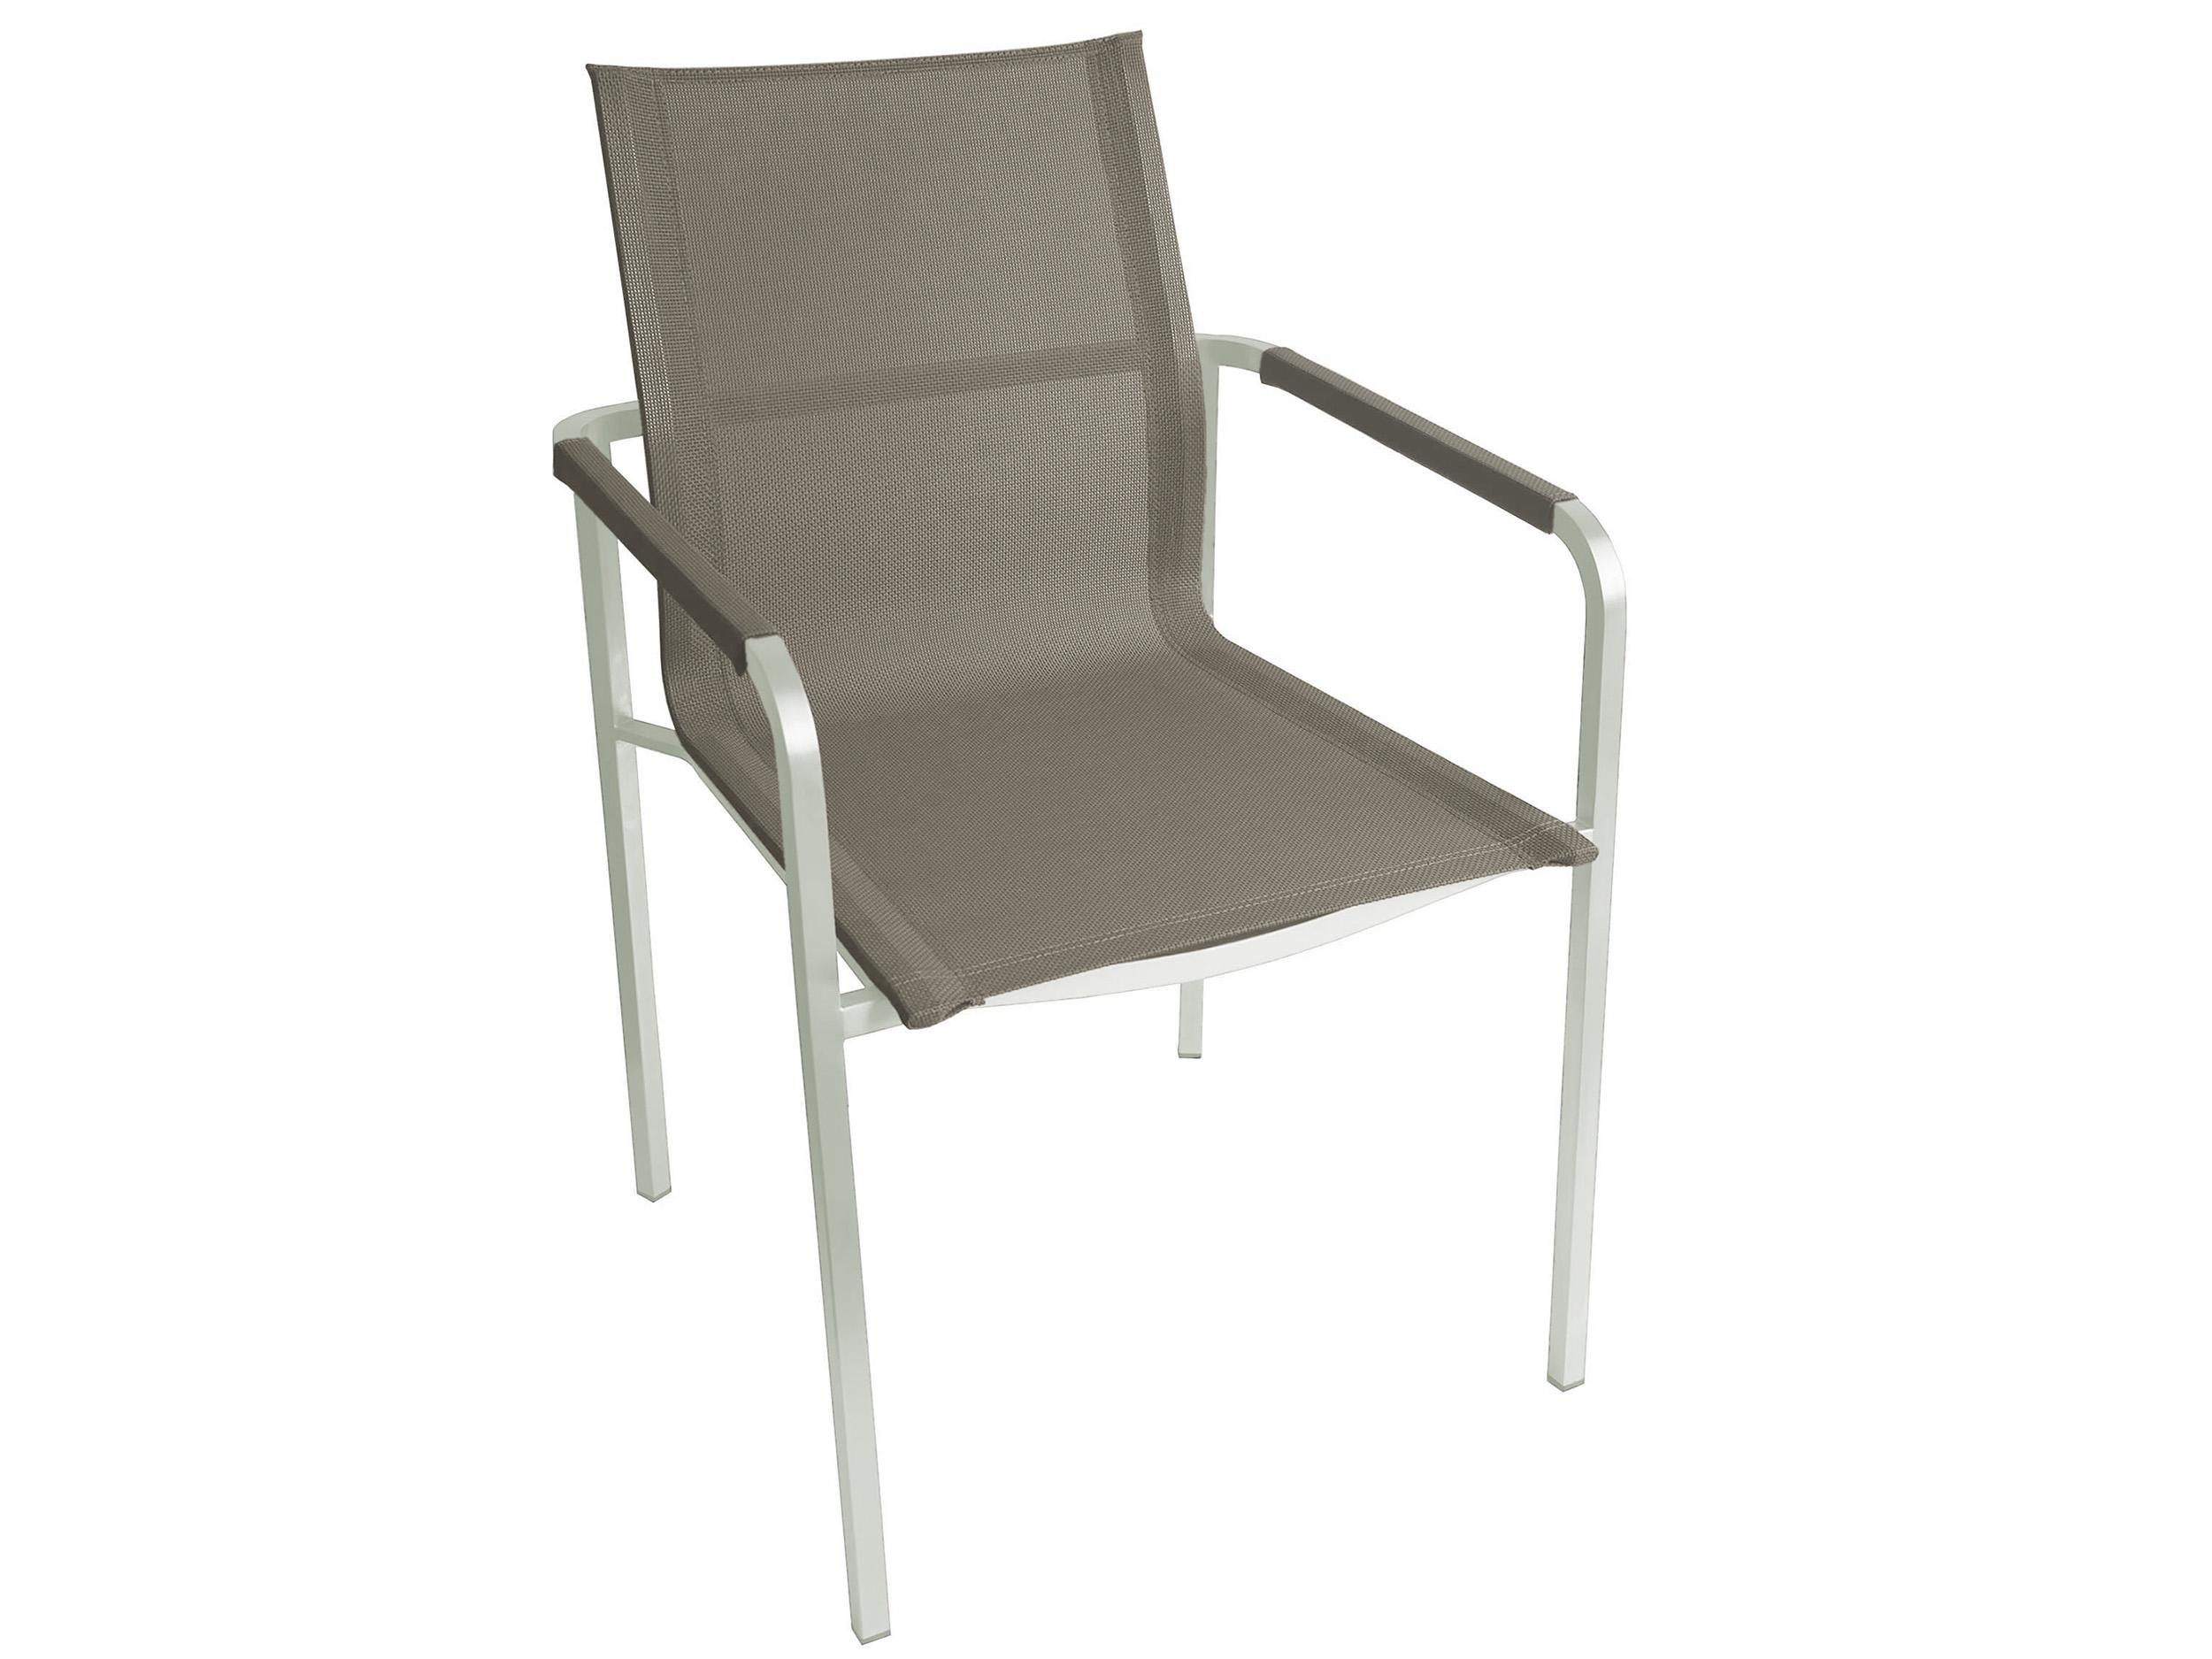 kettler stapelsessel feel edelstahl outdoorgewebe taupe gartenm bel l nse. Black Bedroom Furniture Sets. Home Design Ideas